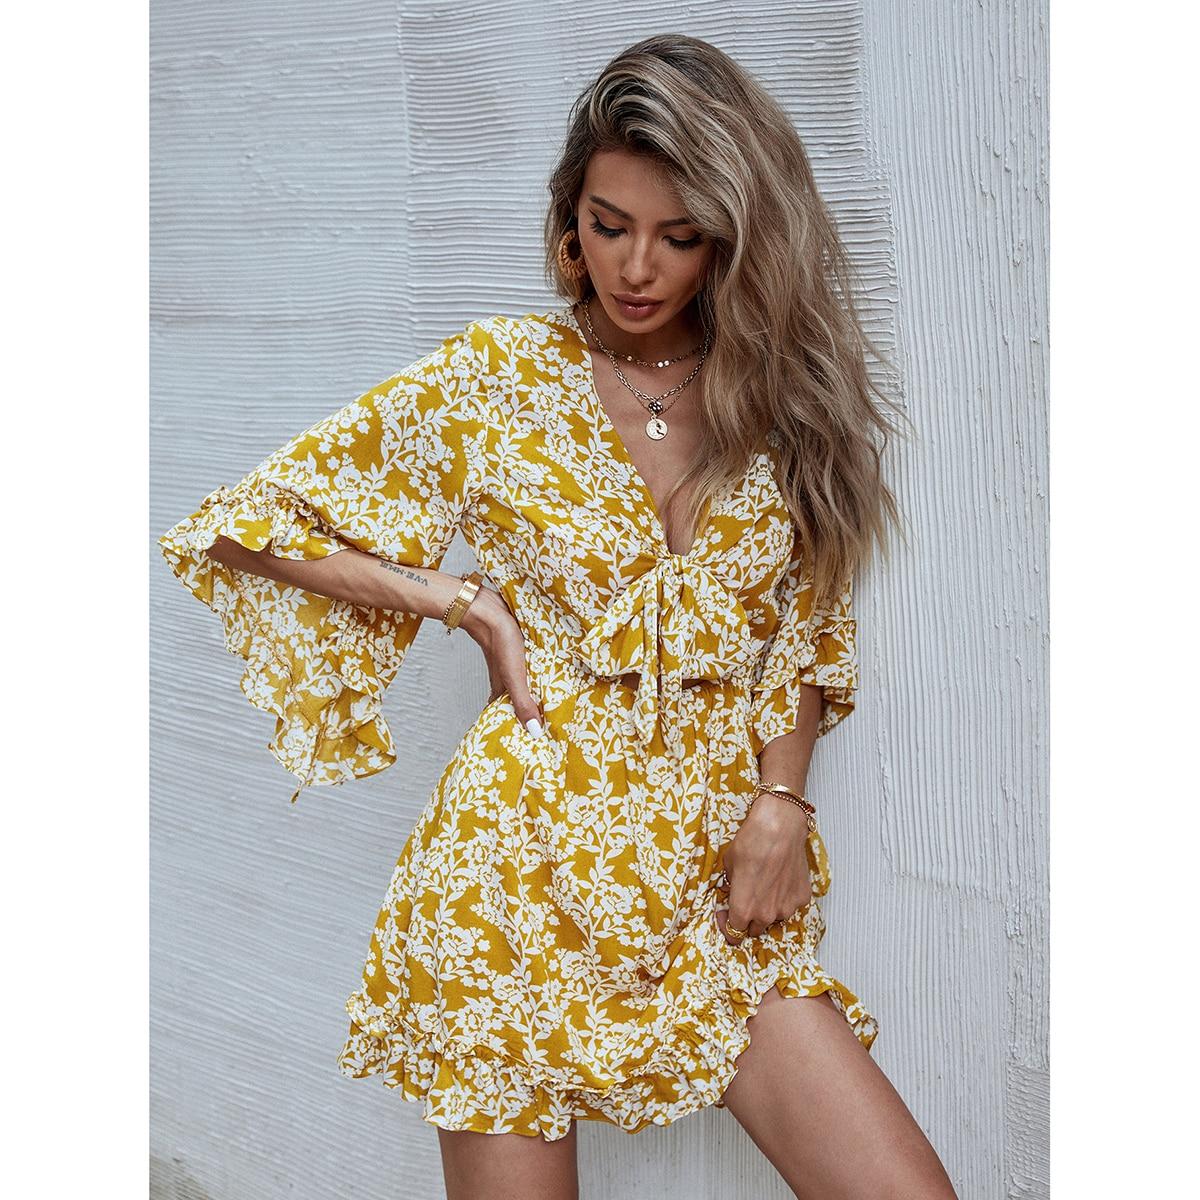 All Over Floral Print Ruffle Hem Flounce Sleeve Dress